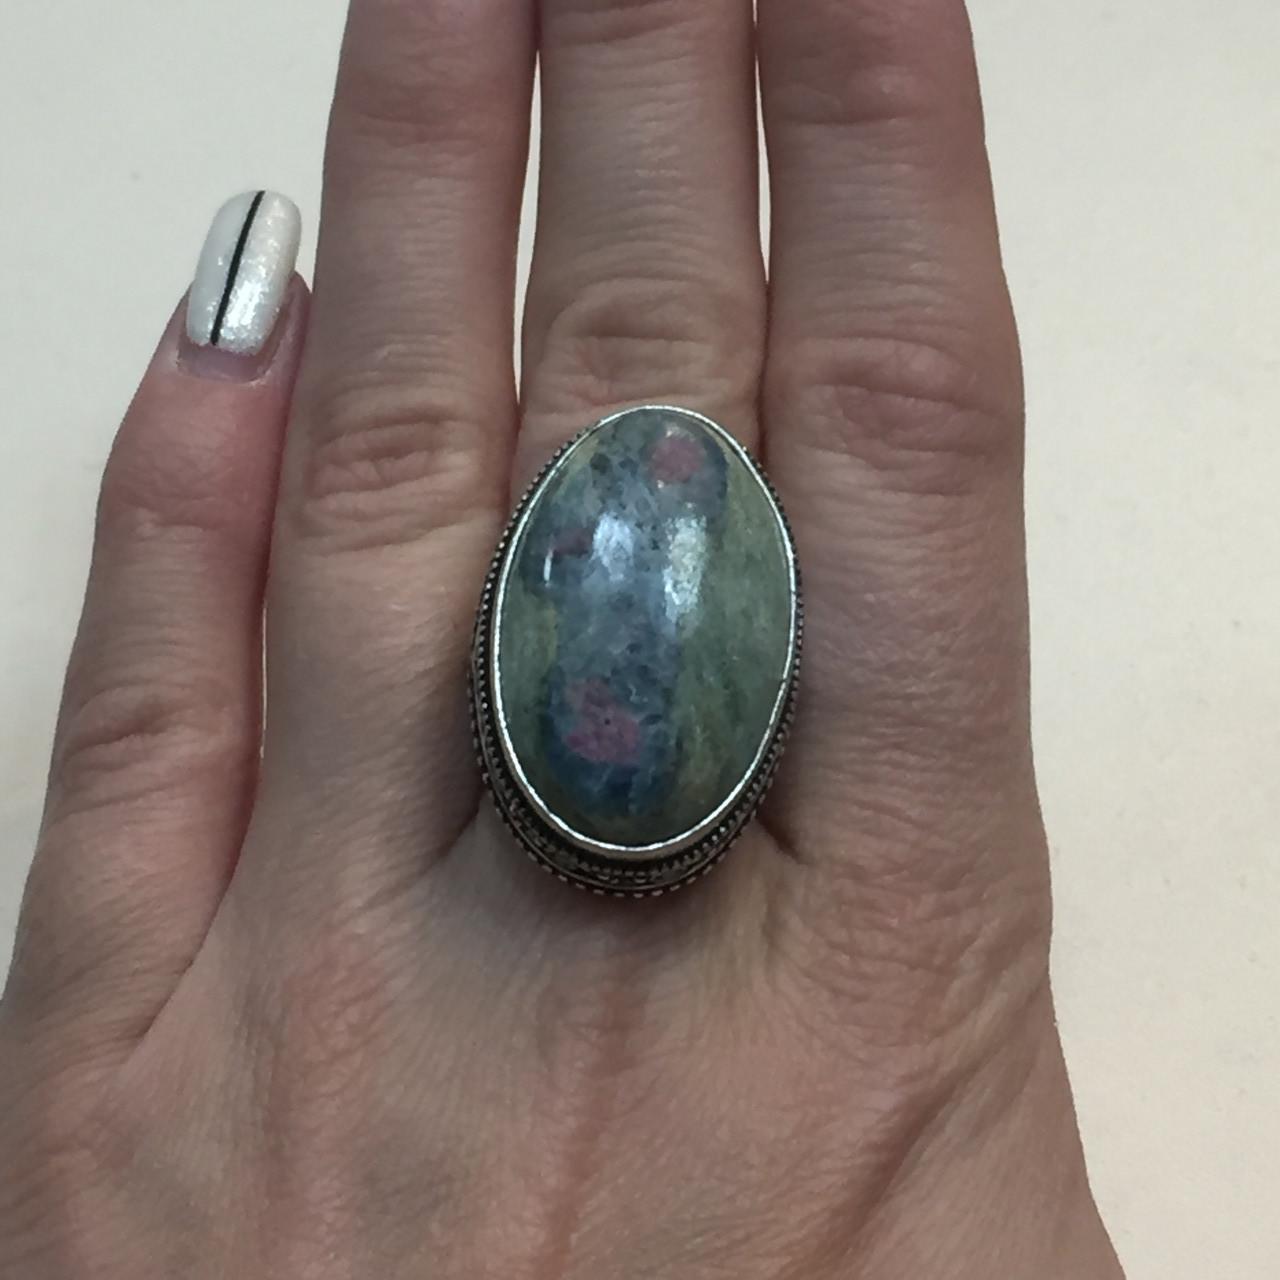 Рубин в фуксите с кианитом овальное кольцо с рубином и кианитом в фуксите 19,5 размер в серебре Индия